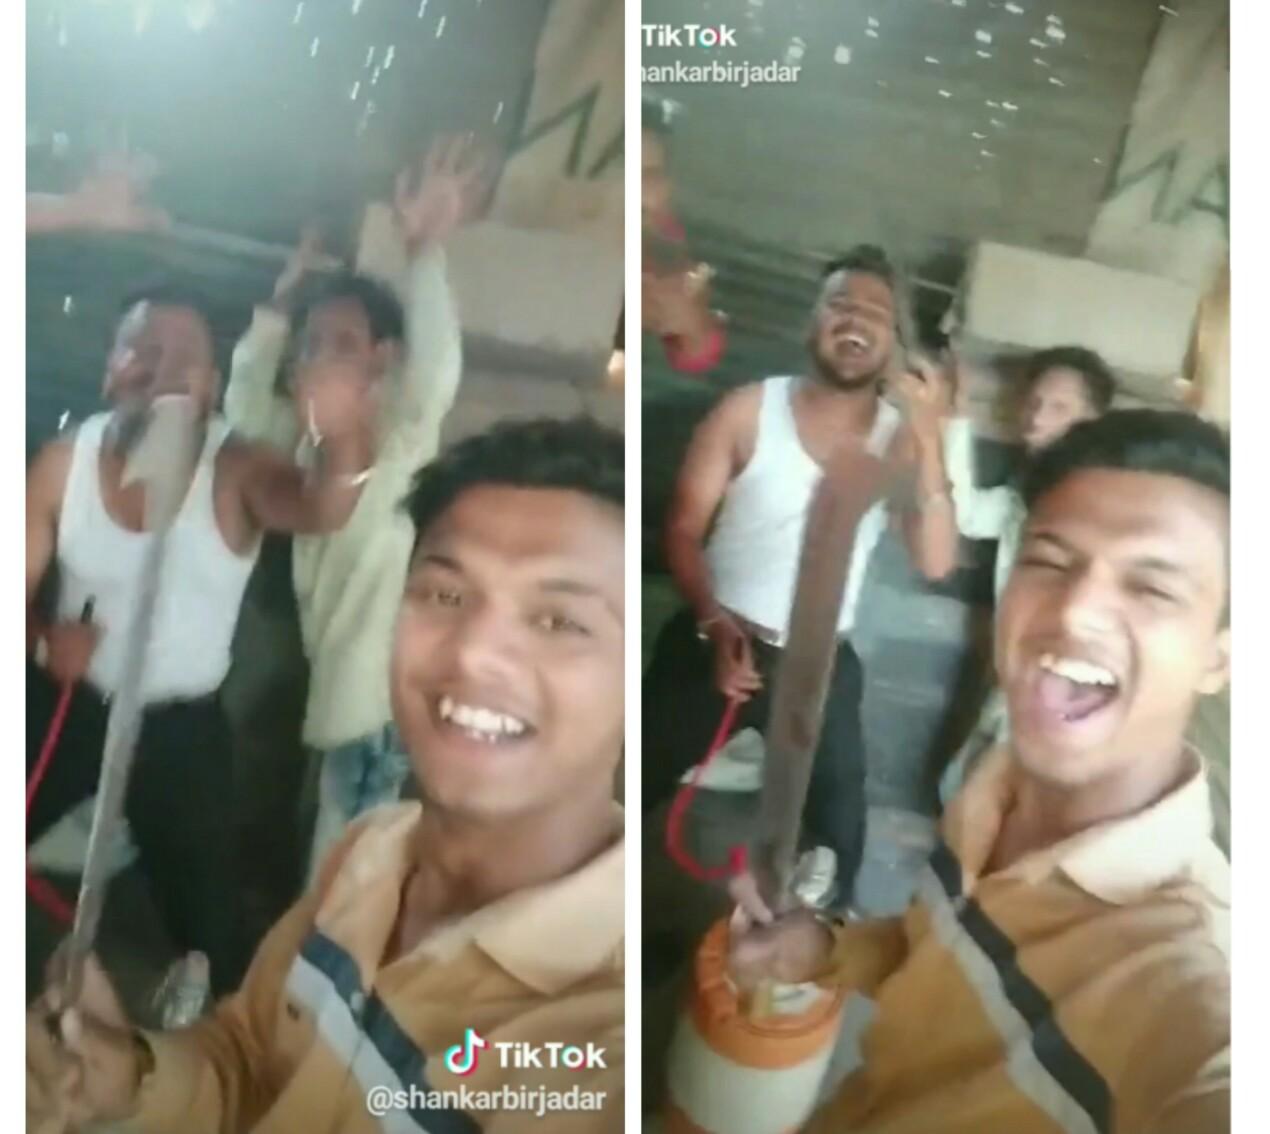 हातात कोयता घेऊन संजूबाबाच्या 'त्या' डायलॉगवर 'टिक-टॉक' व्हिडीओ करणाऱ्या पिंपळे निलखमधील तरूणांना अटक